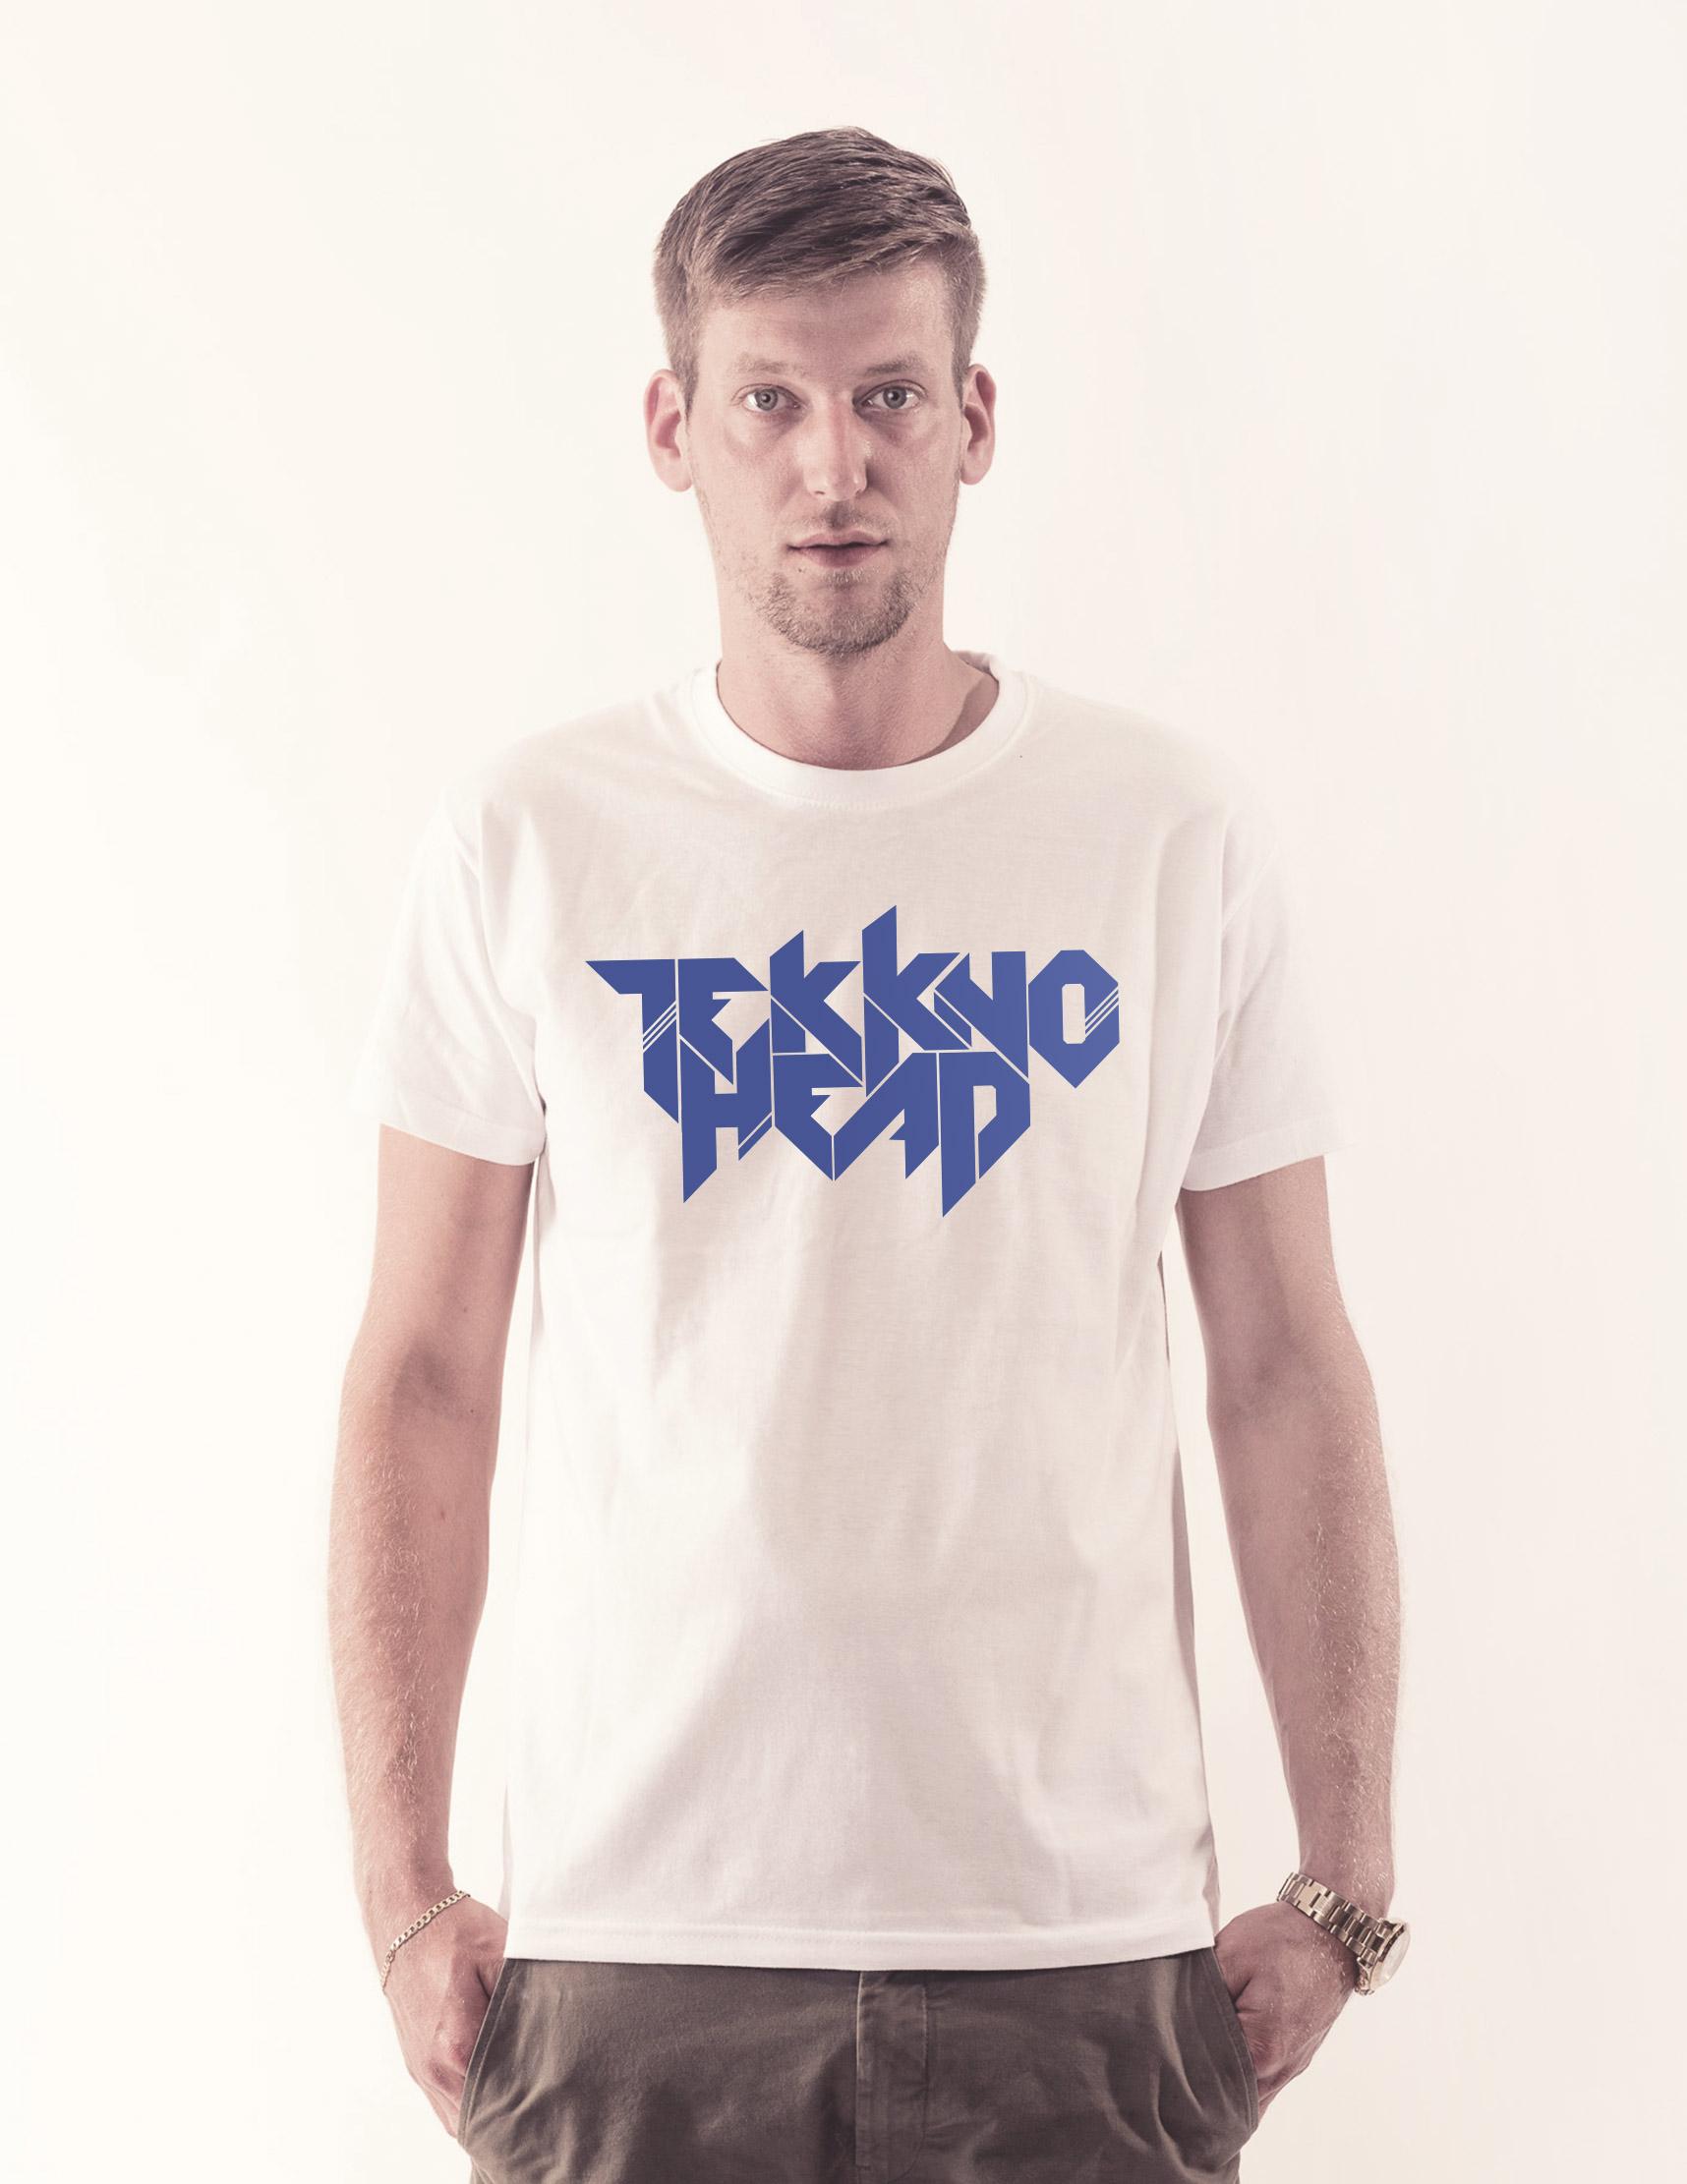 TEKKNOHEAD Shirt